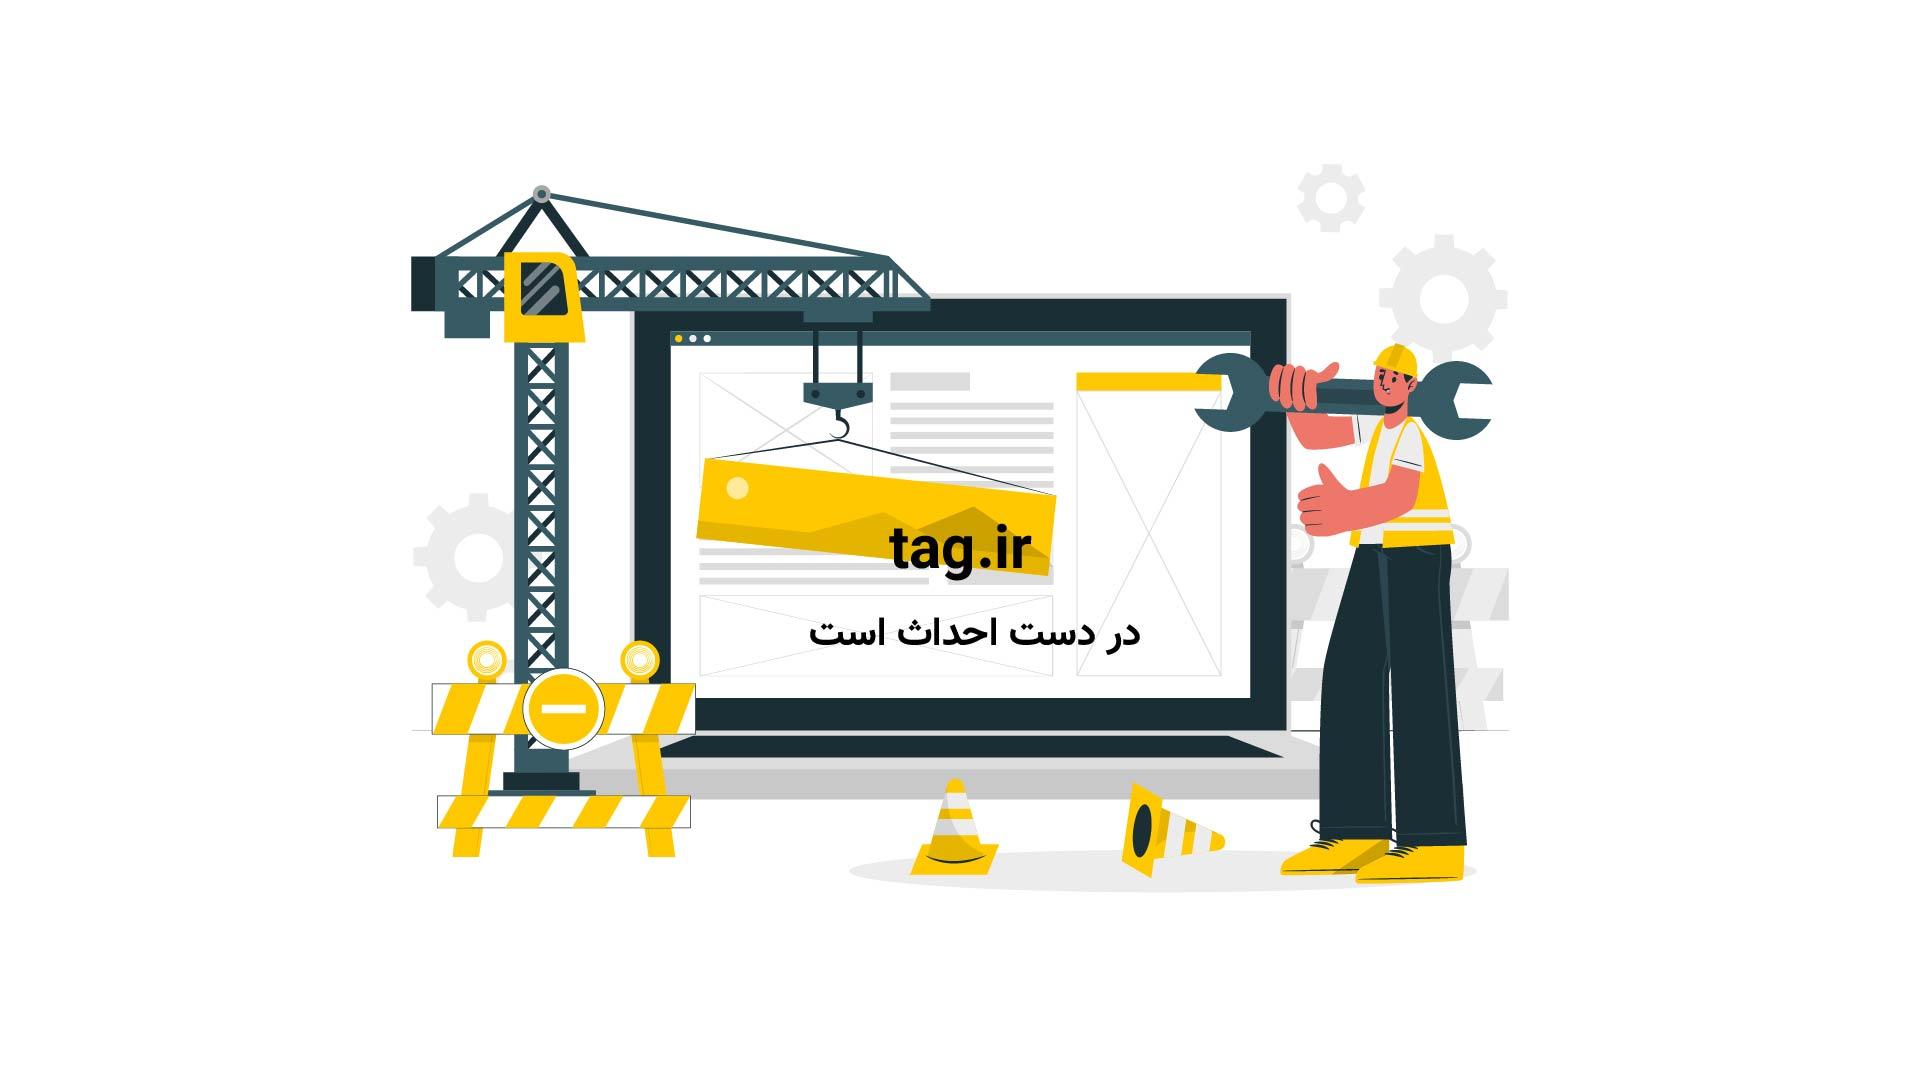 حمله هماهنگ ۵ شیر به زرافه عظیمالجثه | فیلم